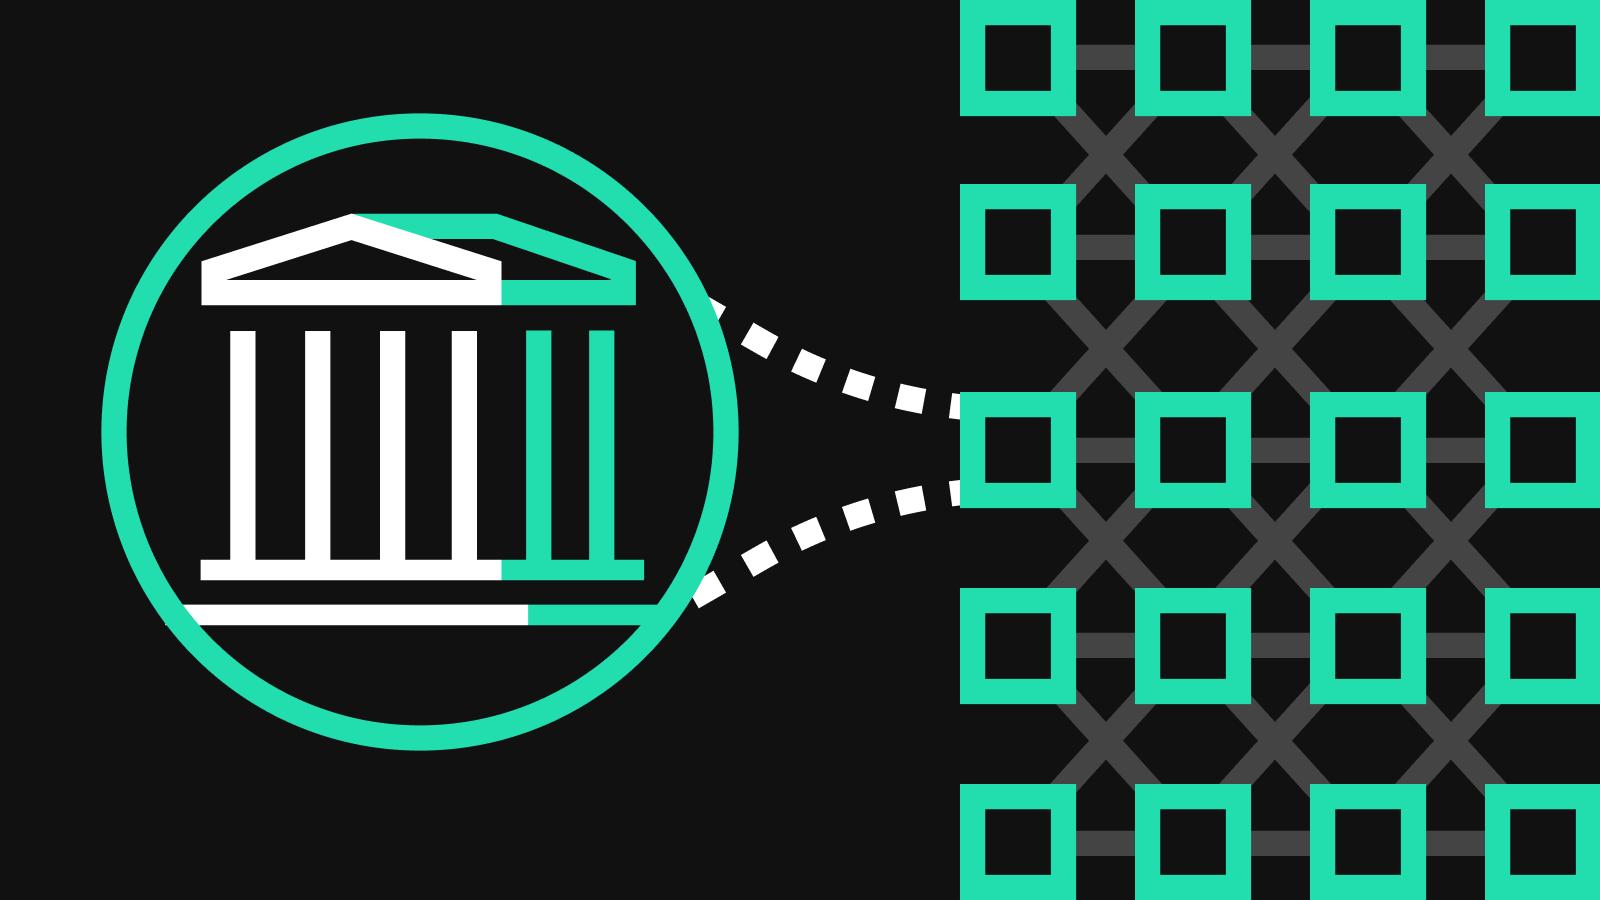 В экосистеме DeFi фиксируют прирост активов